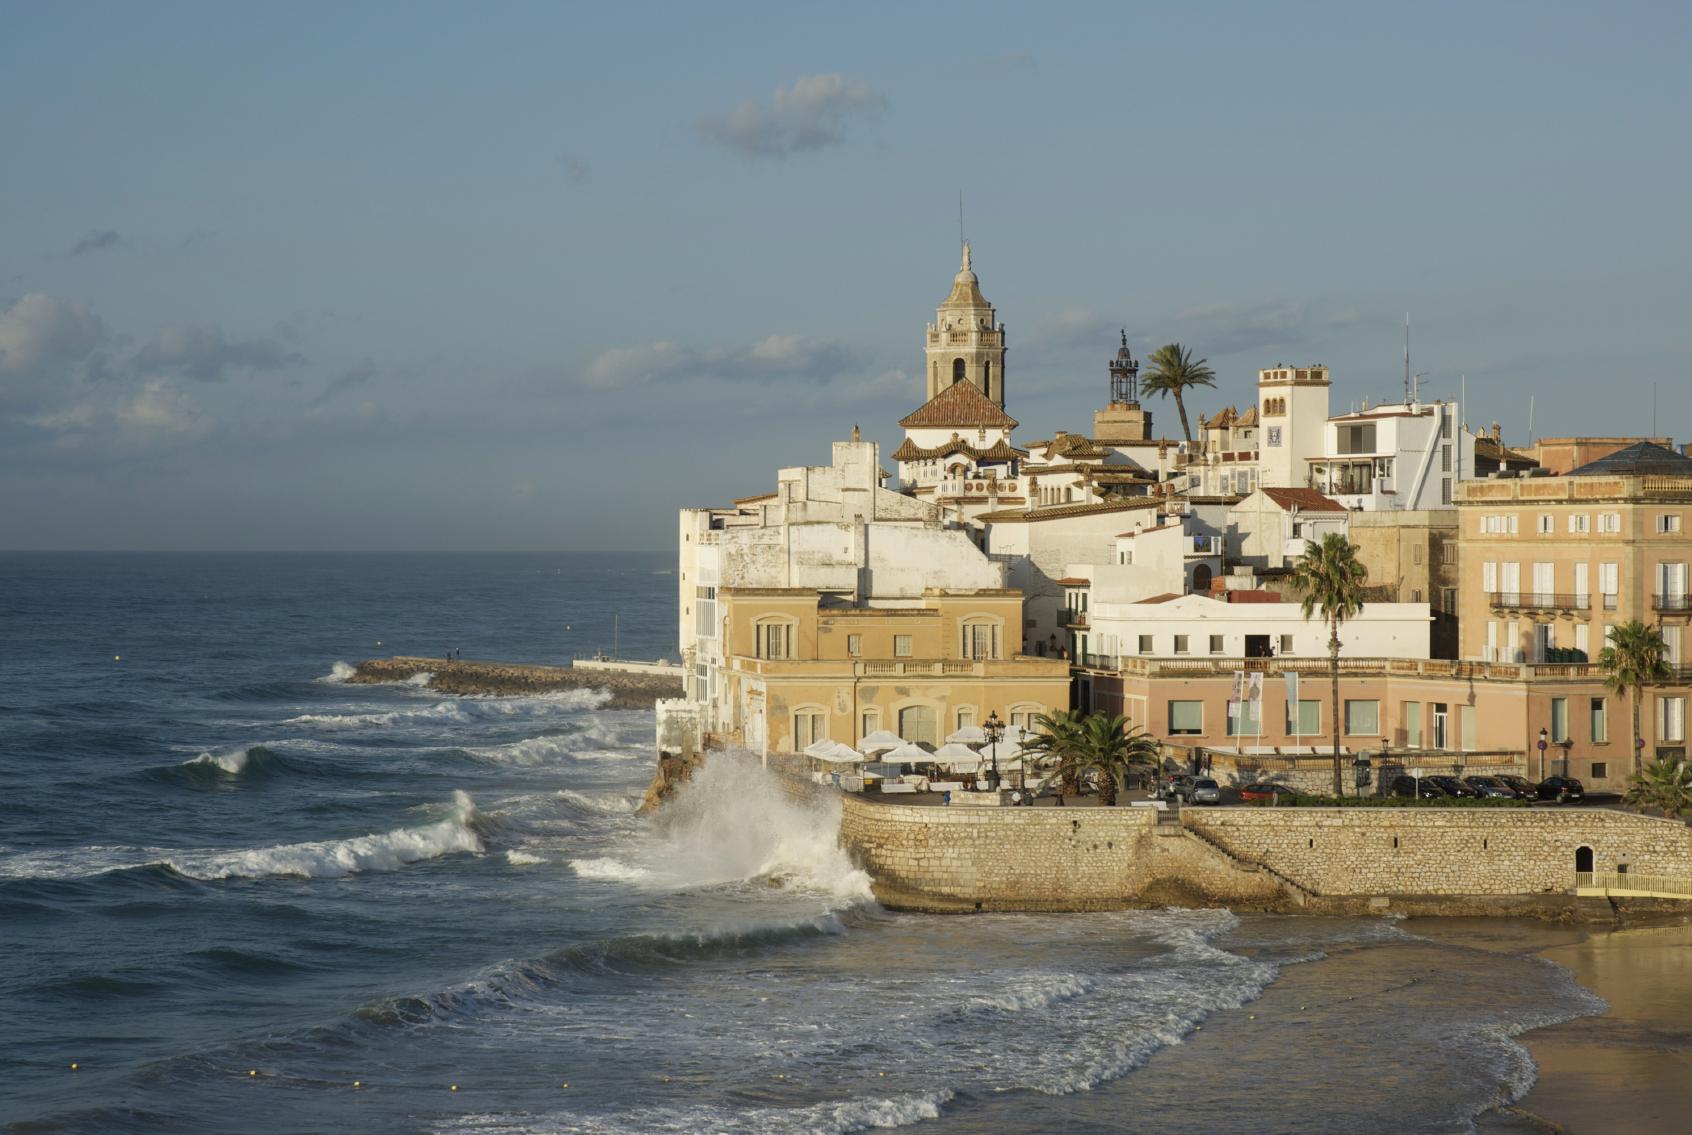 Destinationspain a guide to sitges lfstyle - Fotos de sitges barcelona ...